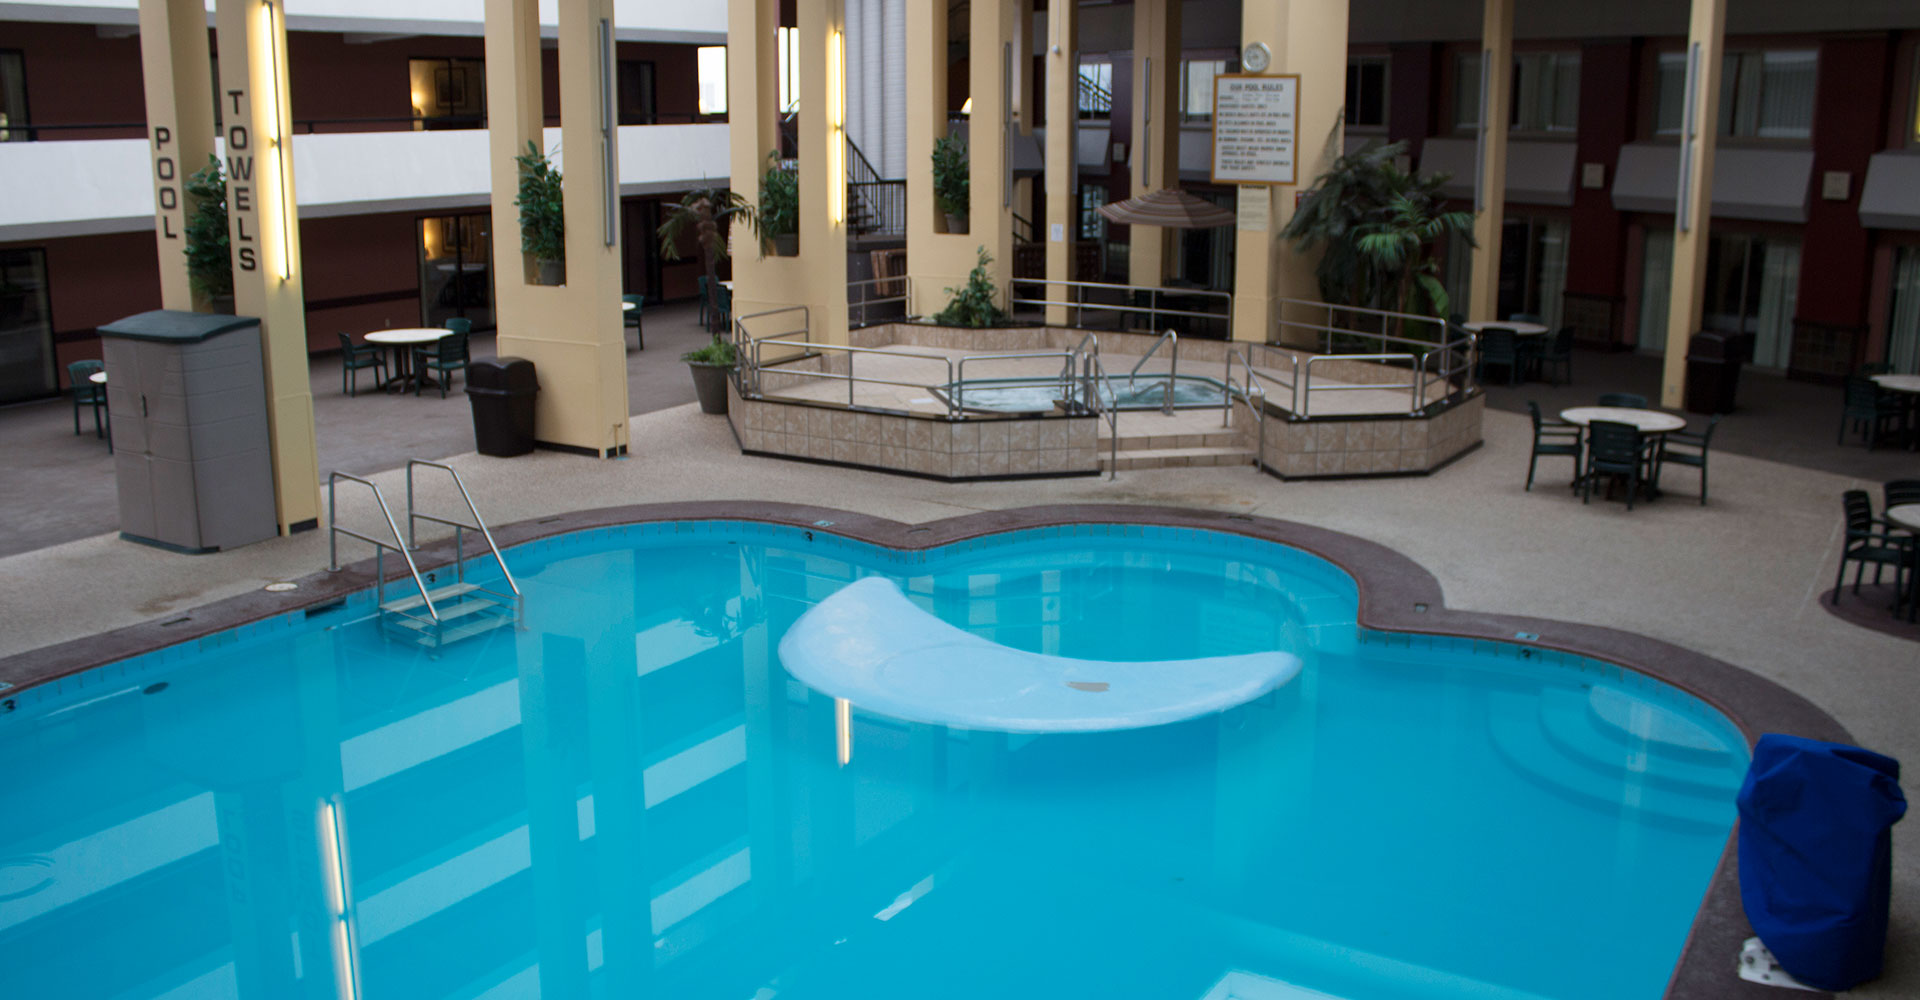 Amenities Grand Hotel Minot